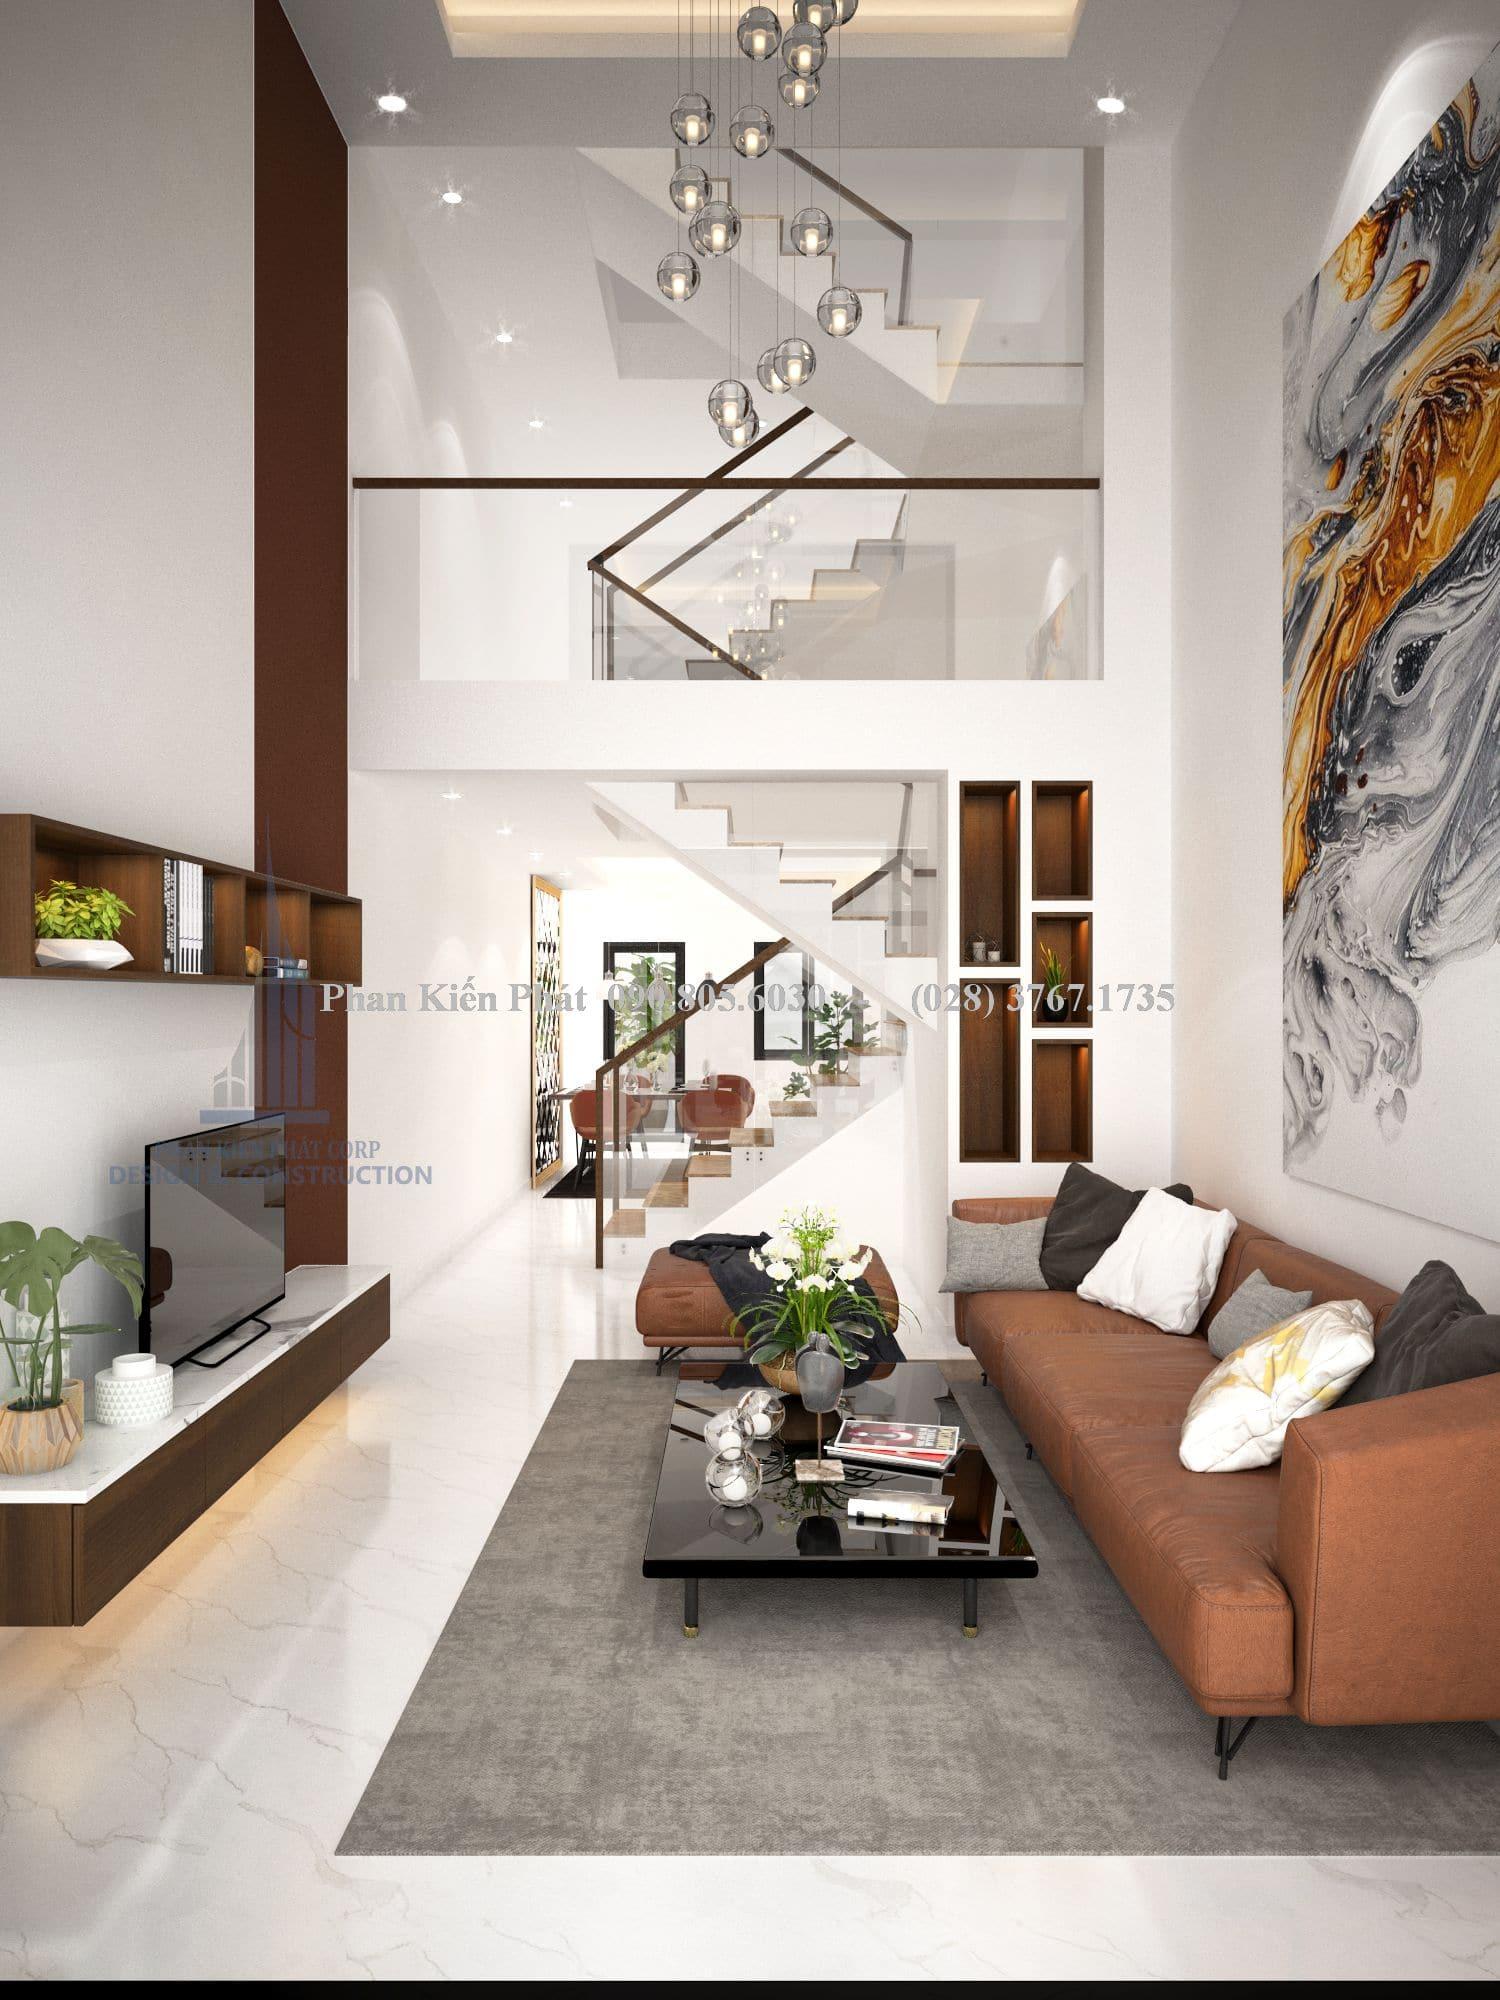 Thiết kế nội thất nhà phố hiện đại, ấn tượng với điểm nhấn màu sắc